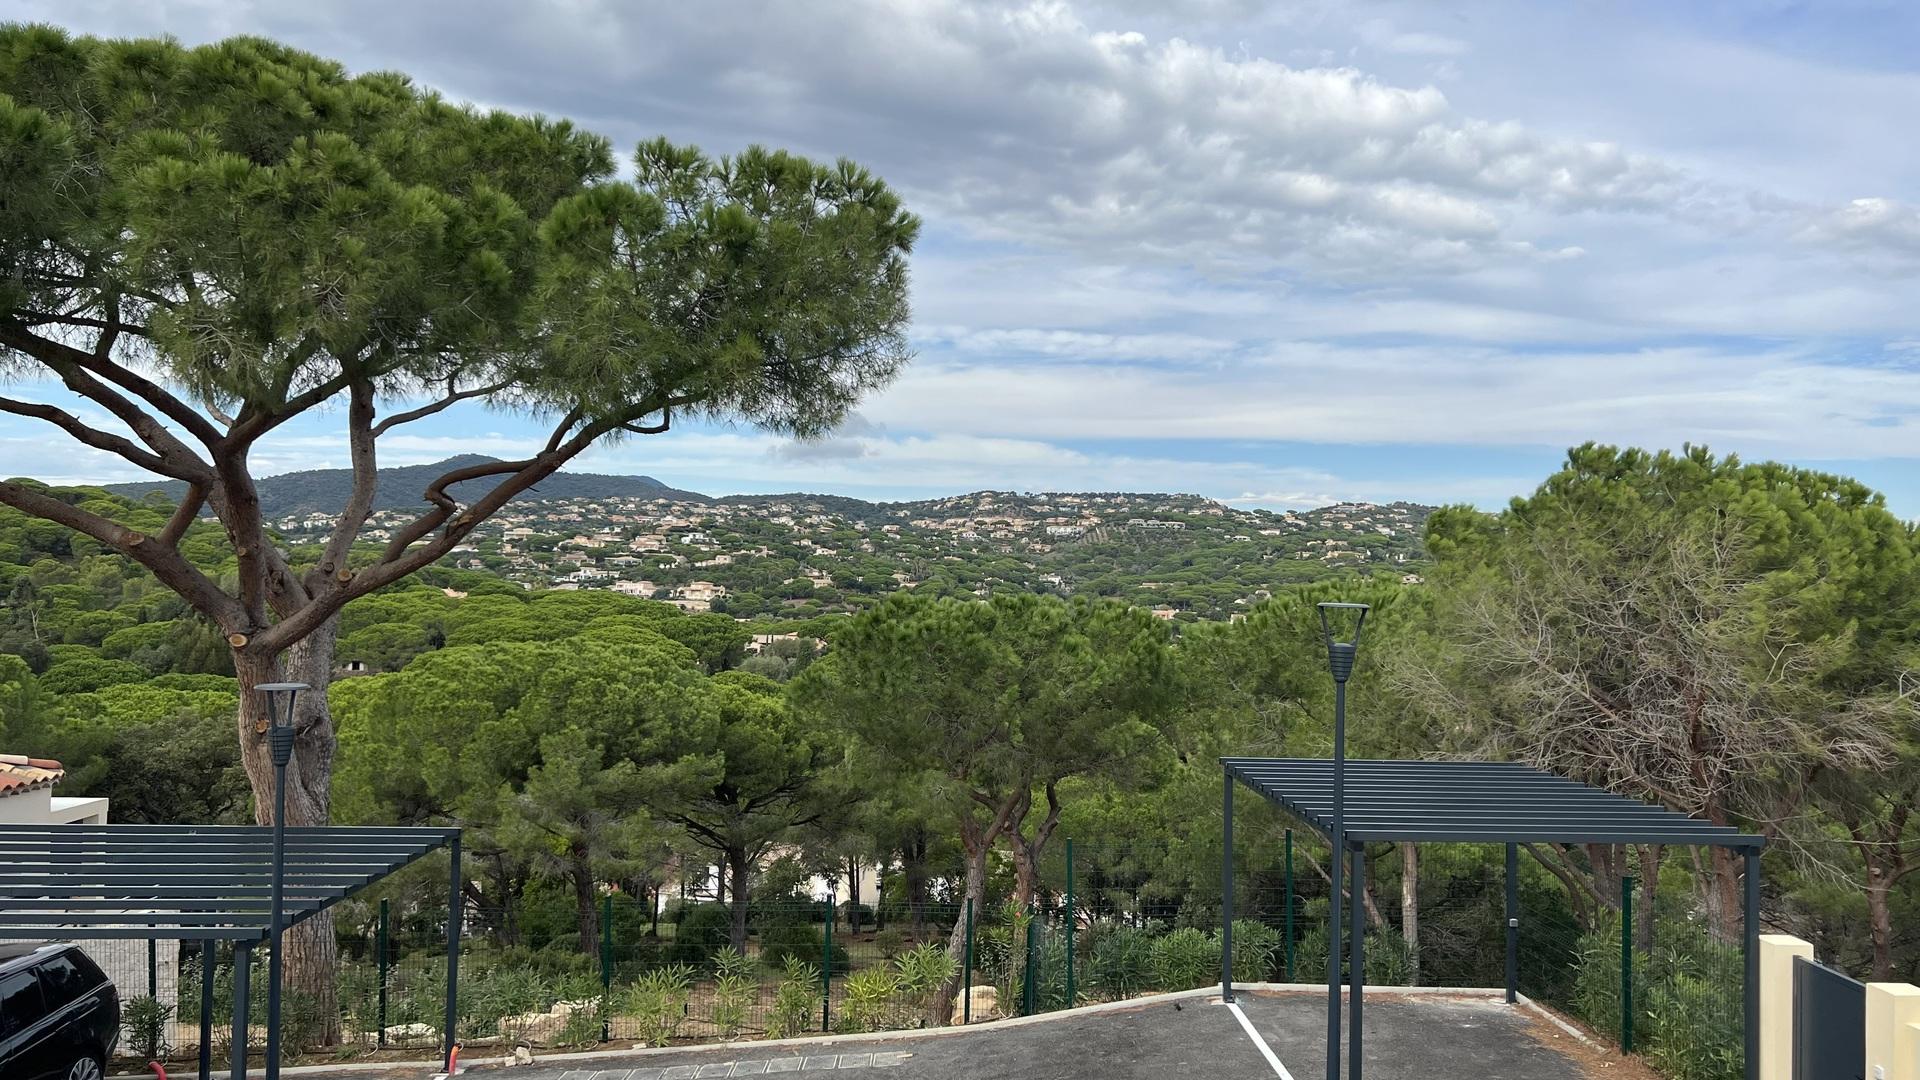 Homki - Vente Maison/villa  de 124.0 m² à Sainte-Maxime 83120